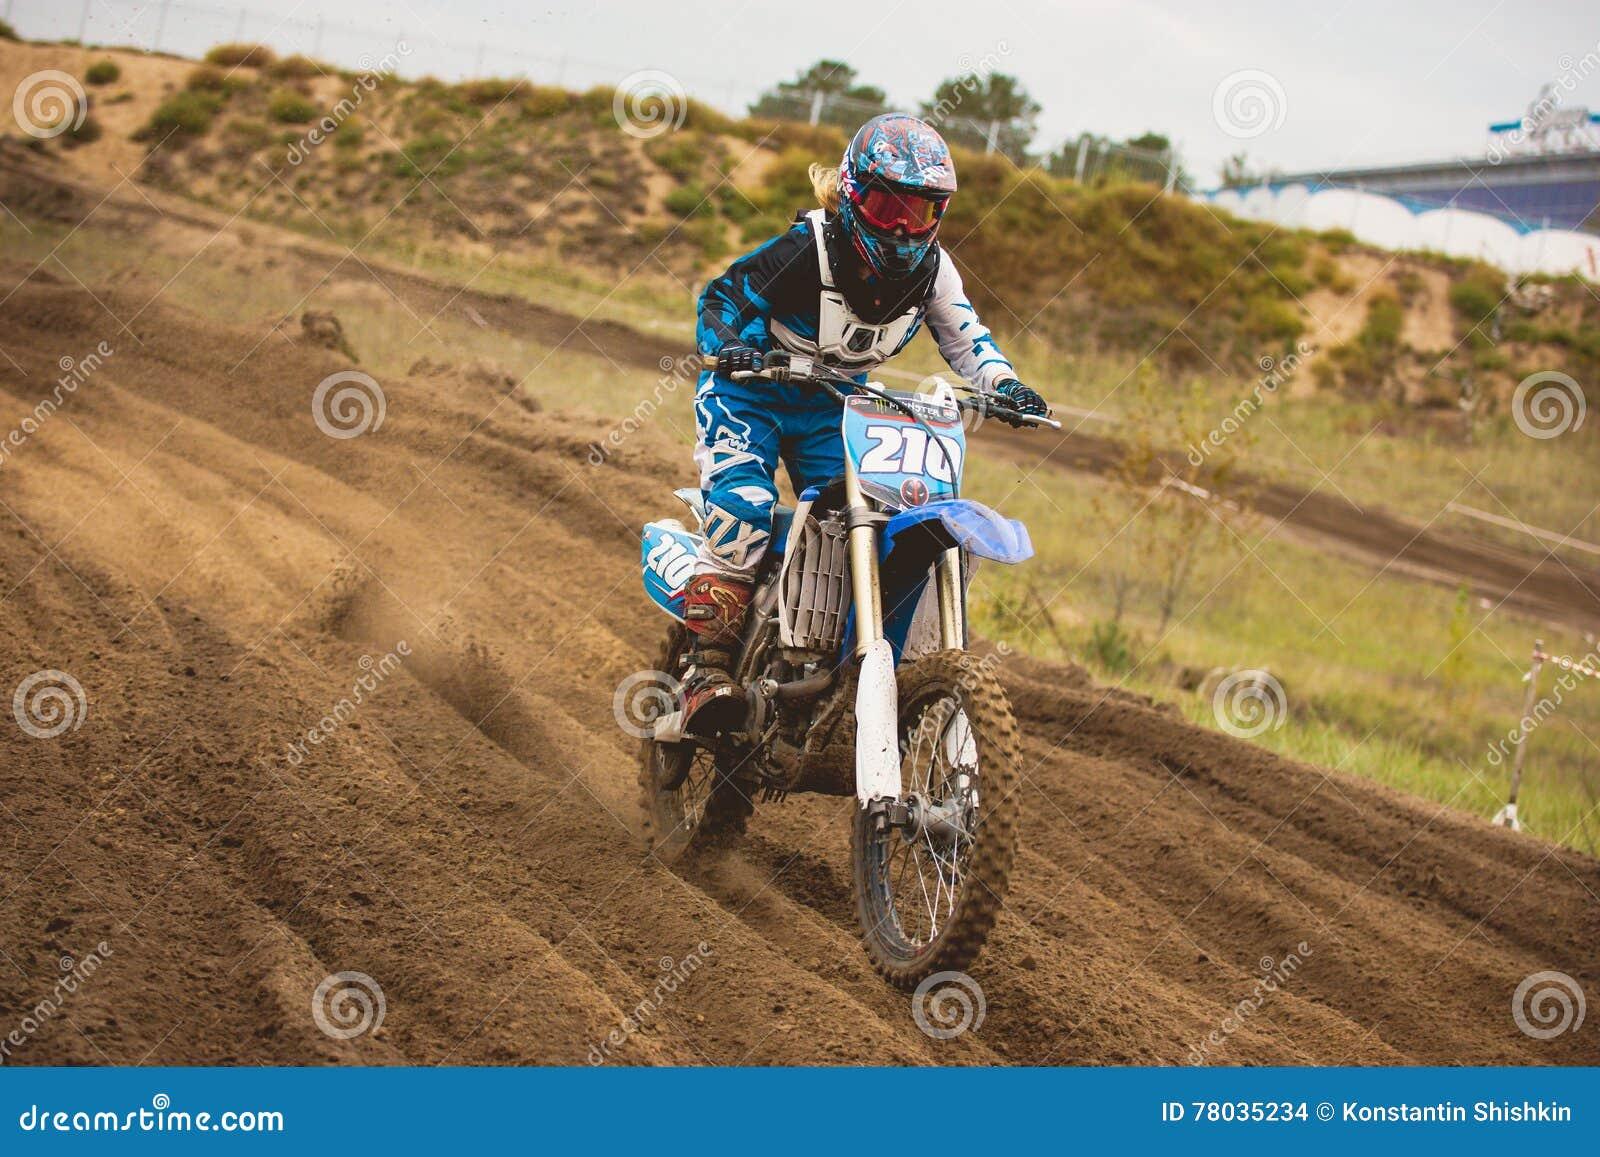 moto cross girl fucked